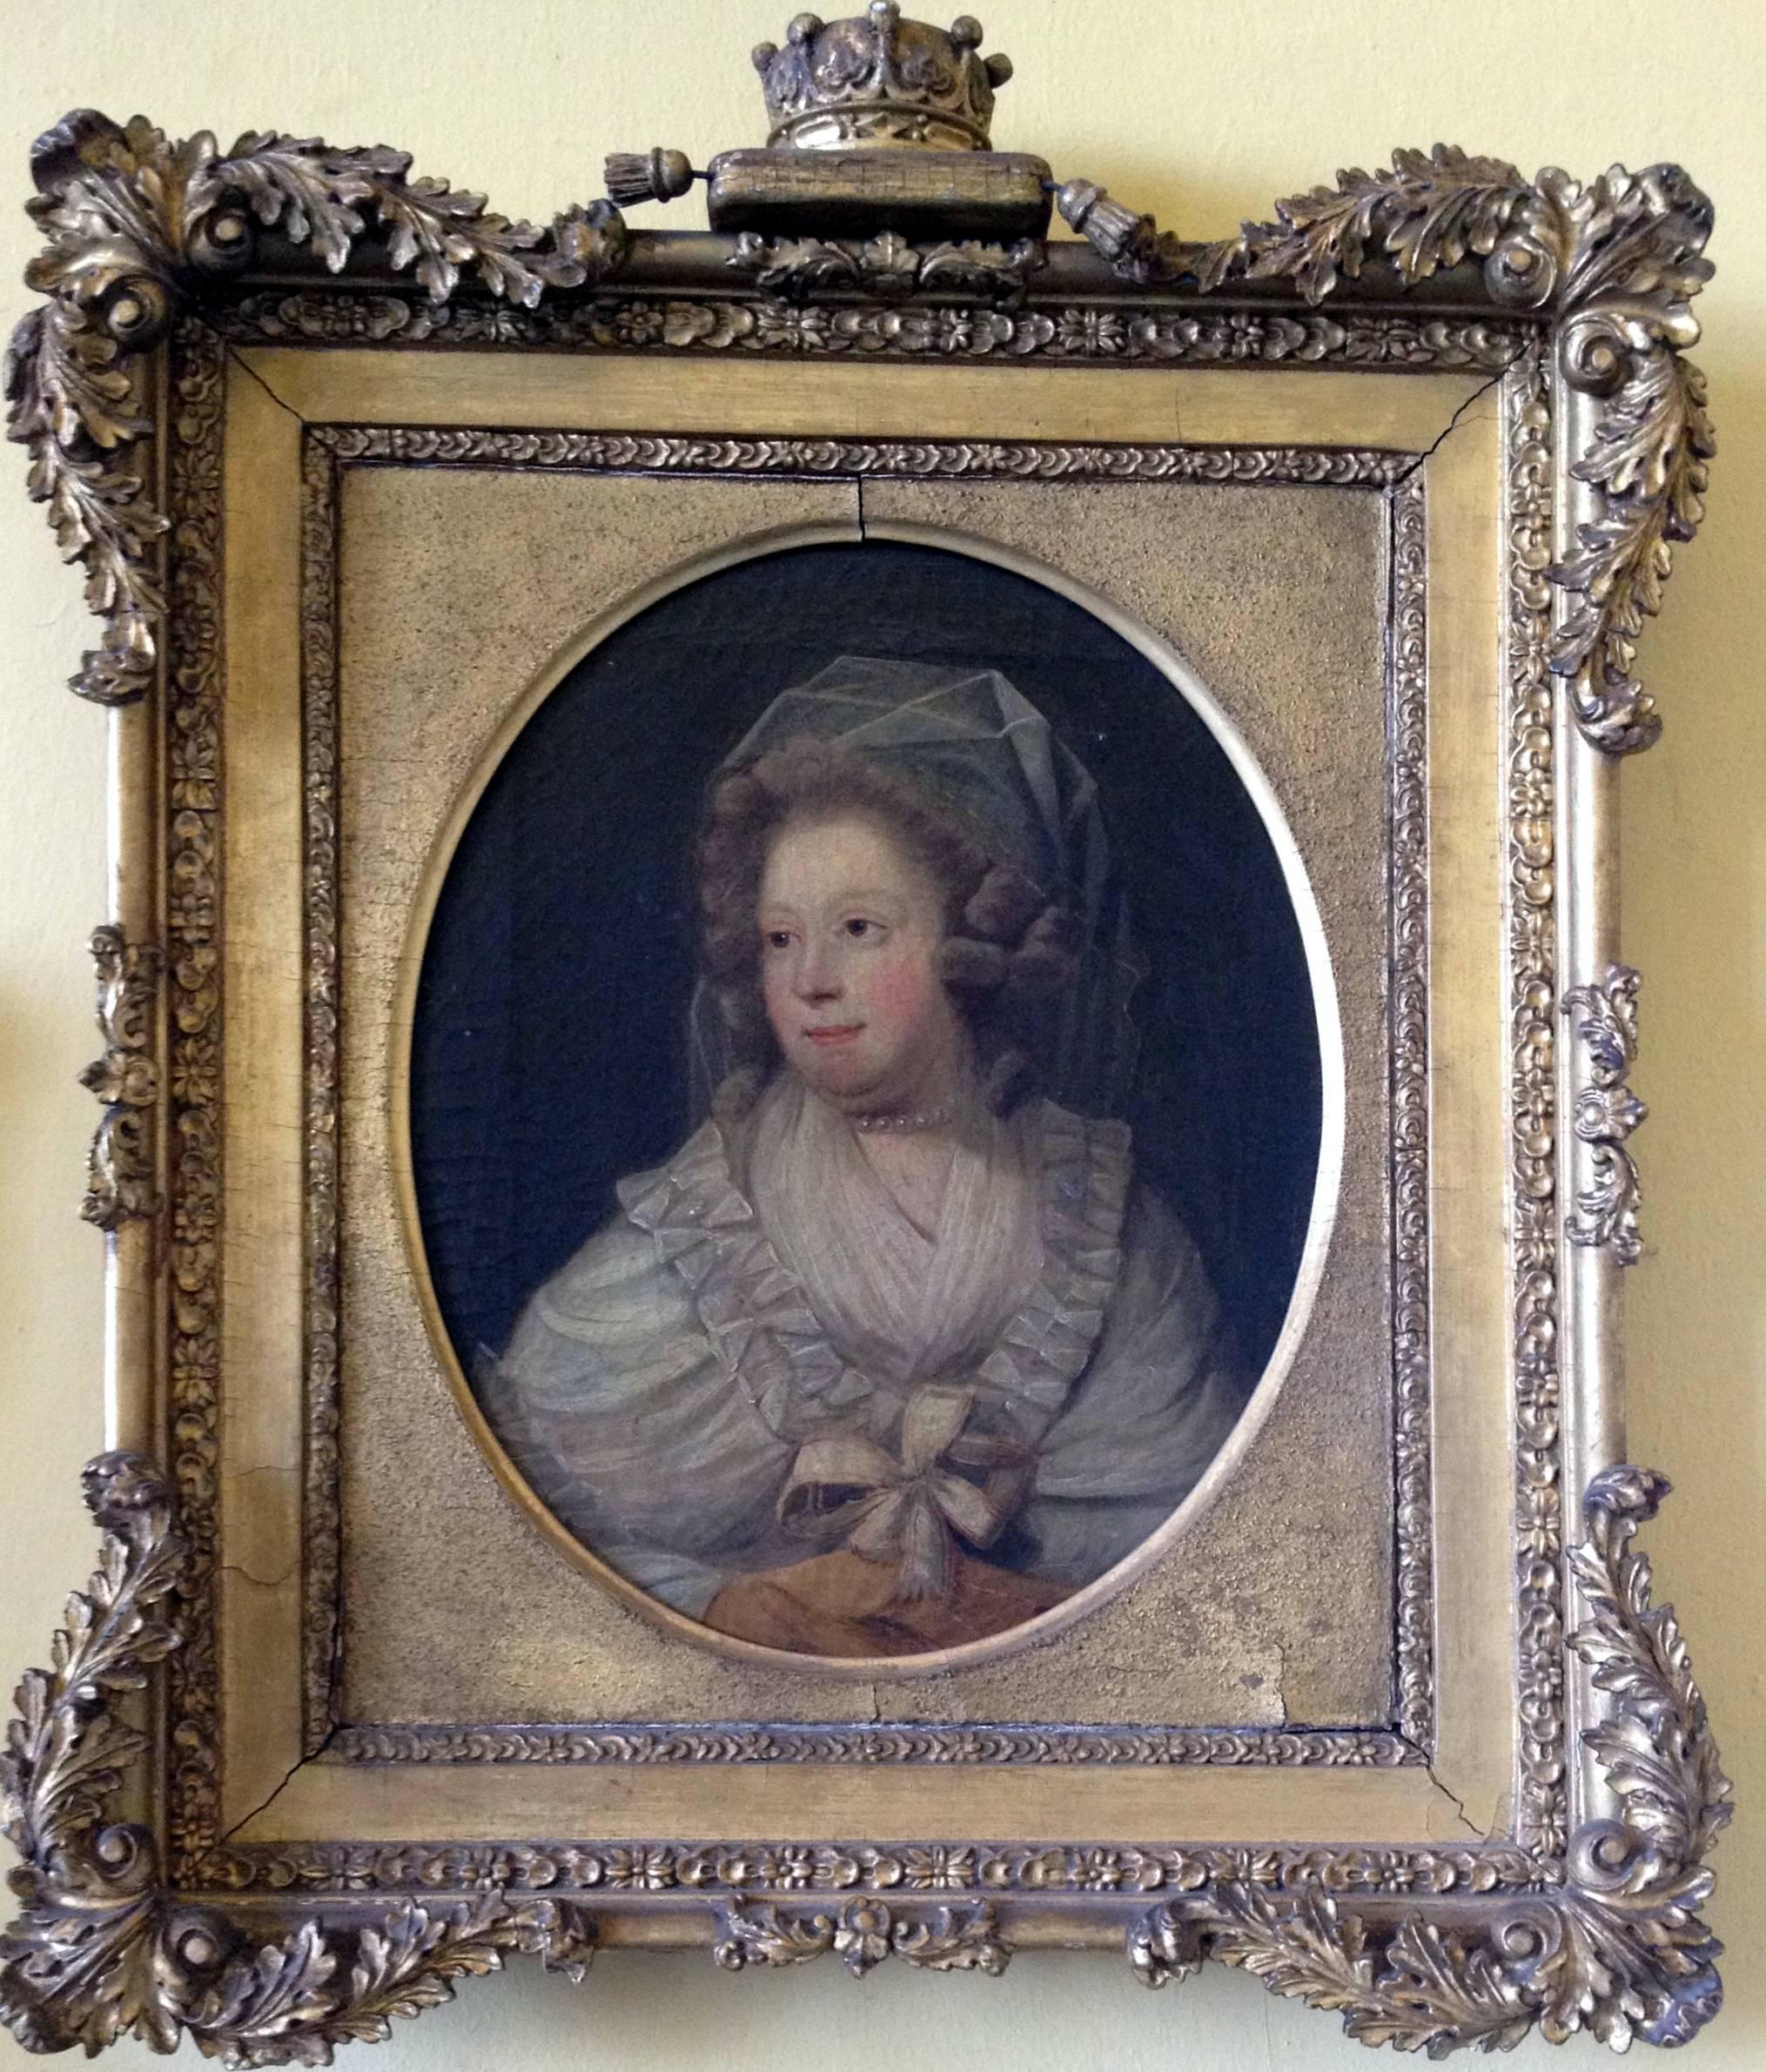 Mary Caulfeild (née Hickman), Cuntaois Charlemont, ceaptar gur ealaíontóir i gciorcal John Downman (1750-1824) a rinne. Músaem Hunt, Luimneach.